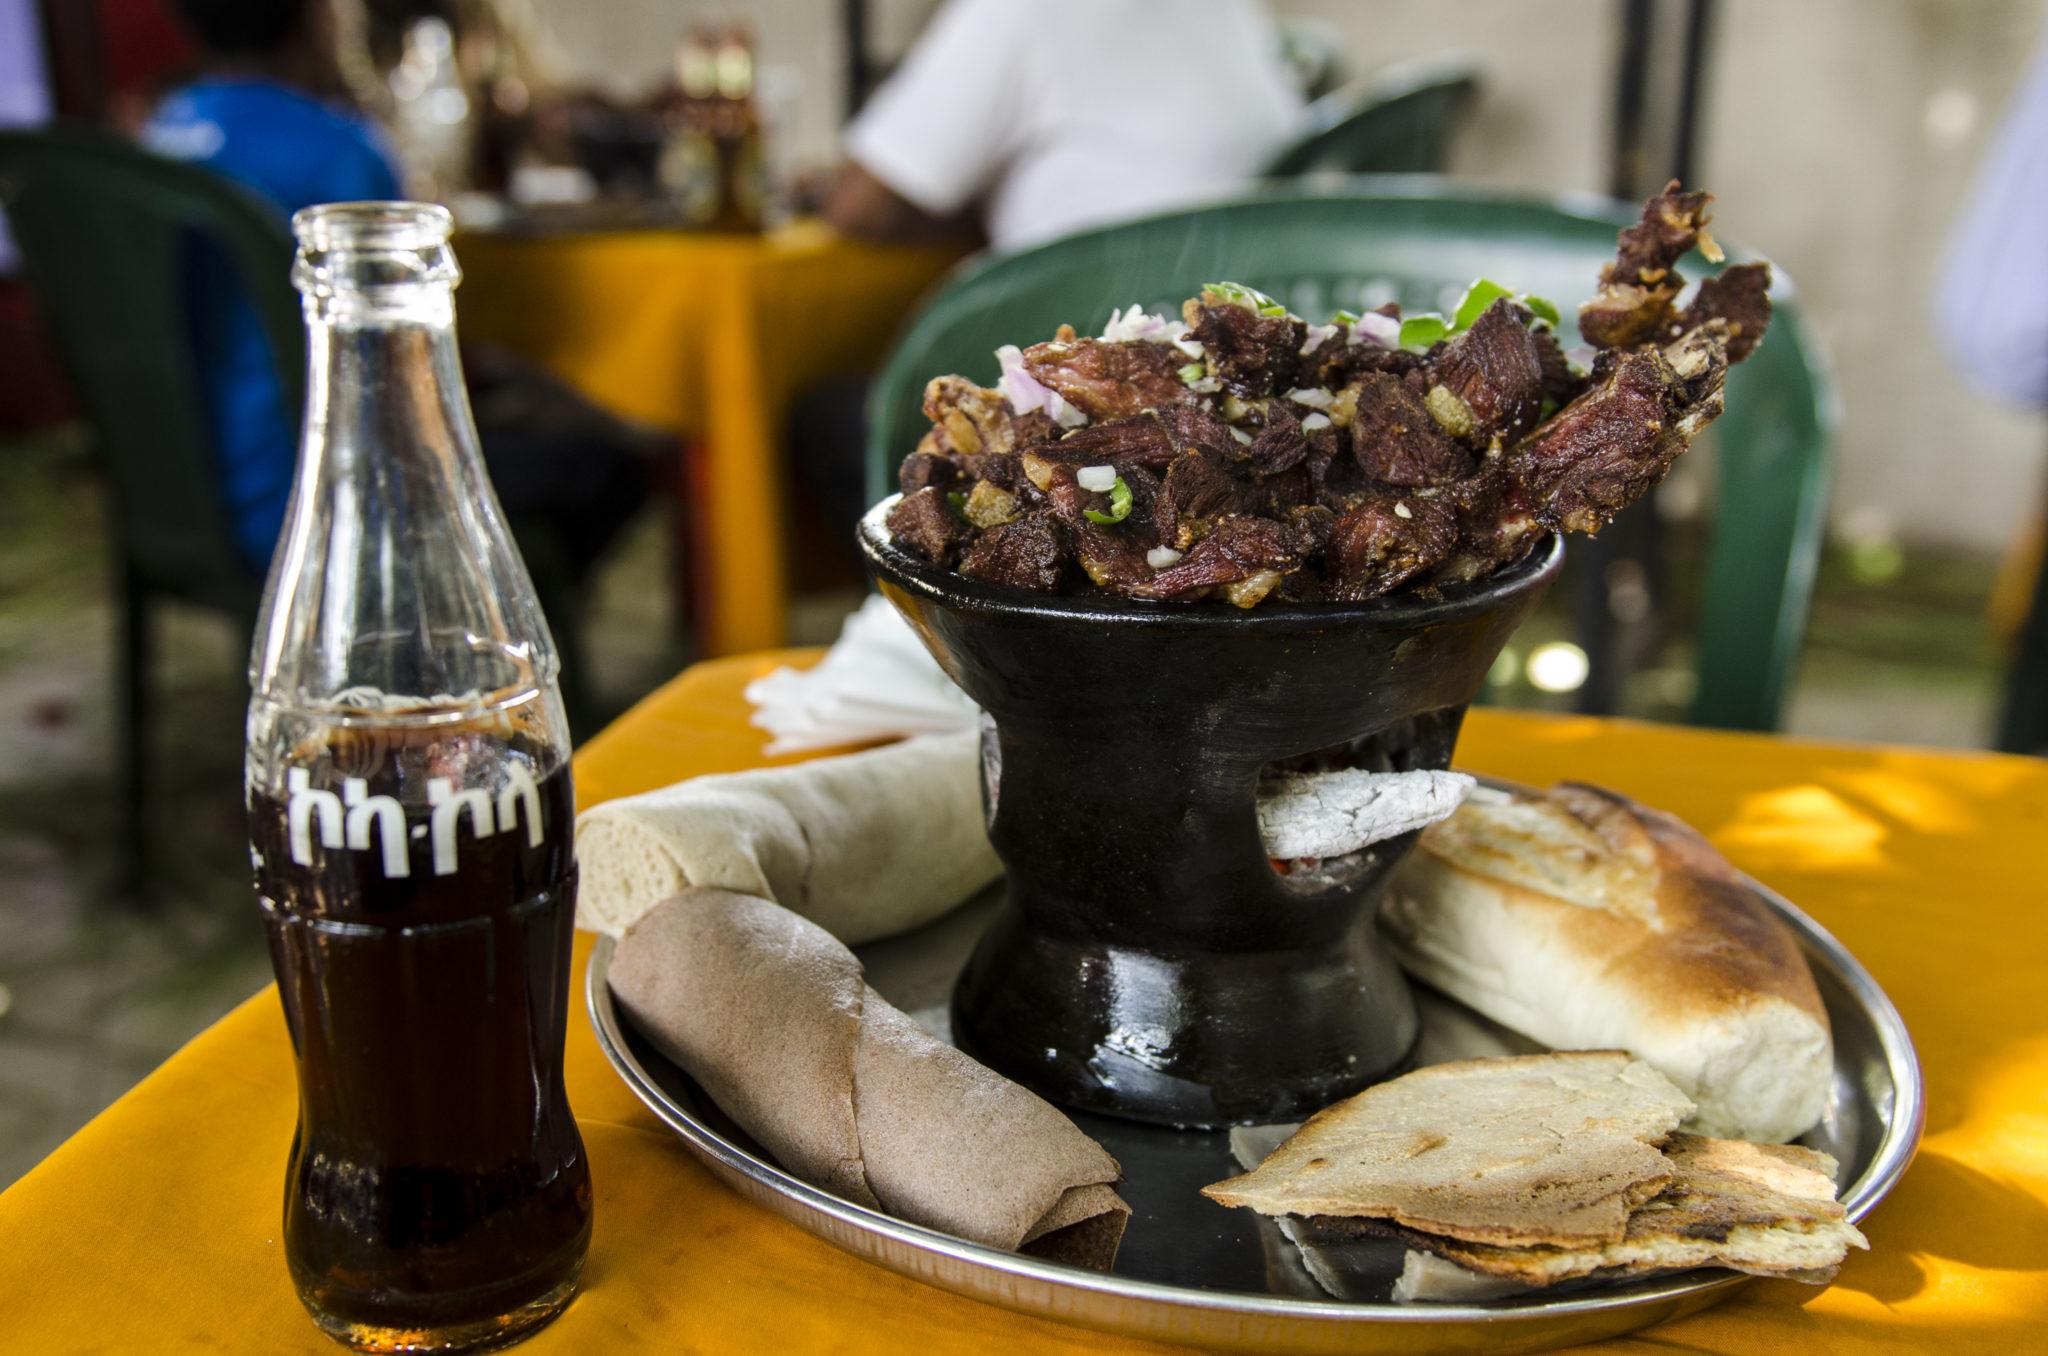 Äthiopisches Essen besteht meist aus Injera und gebratenem Fleisch